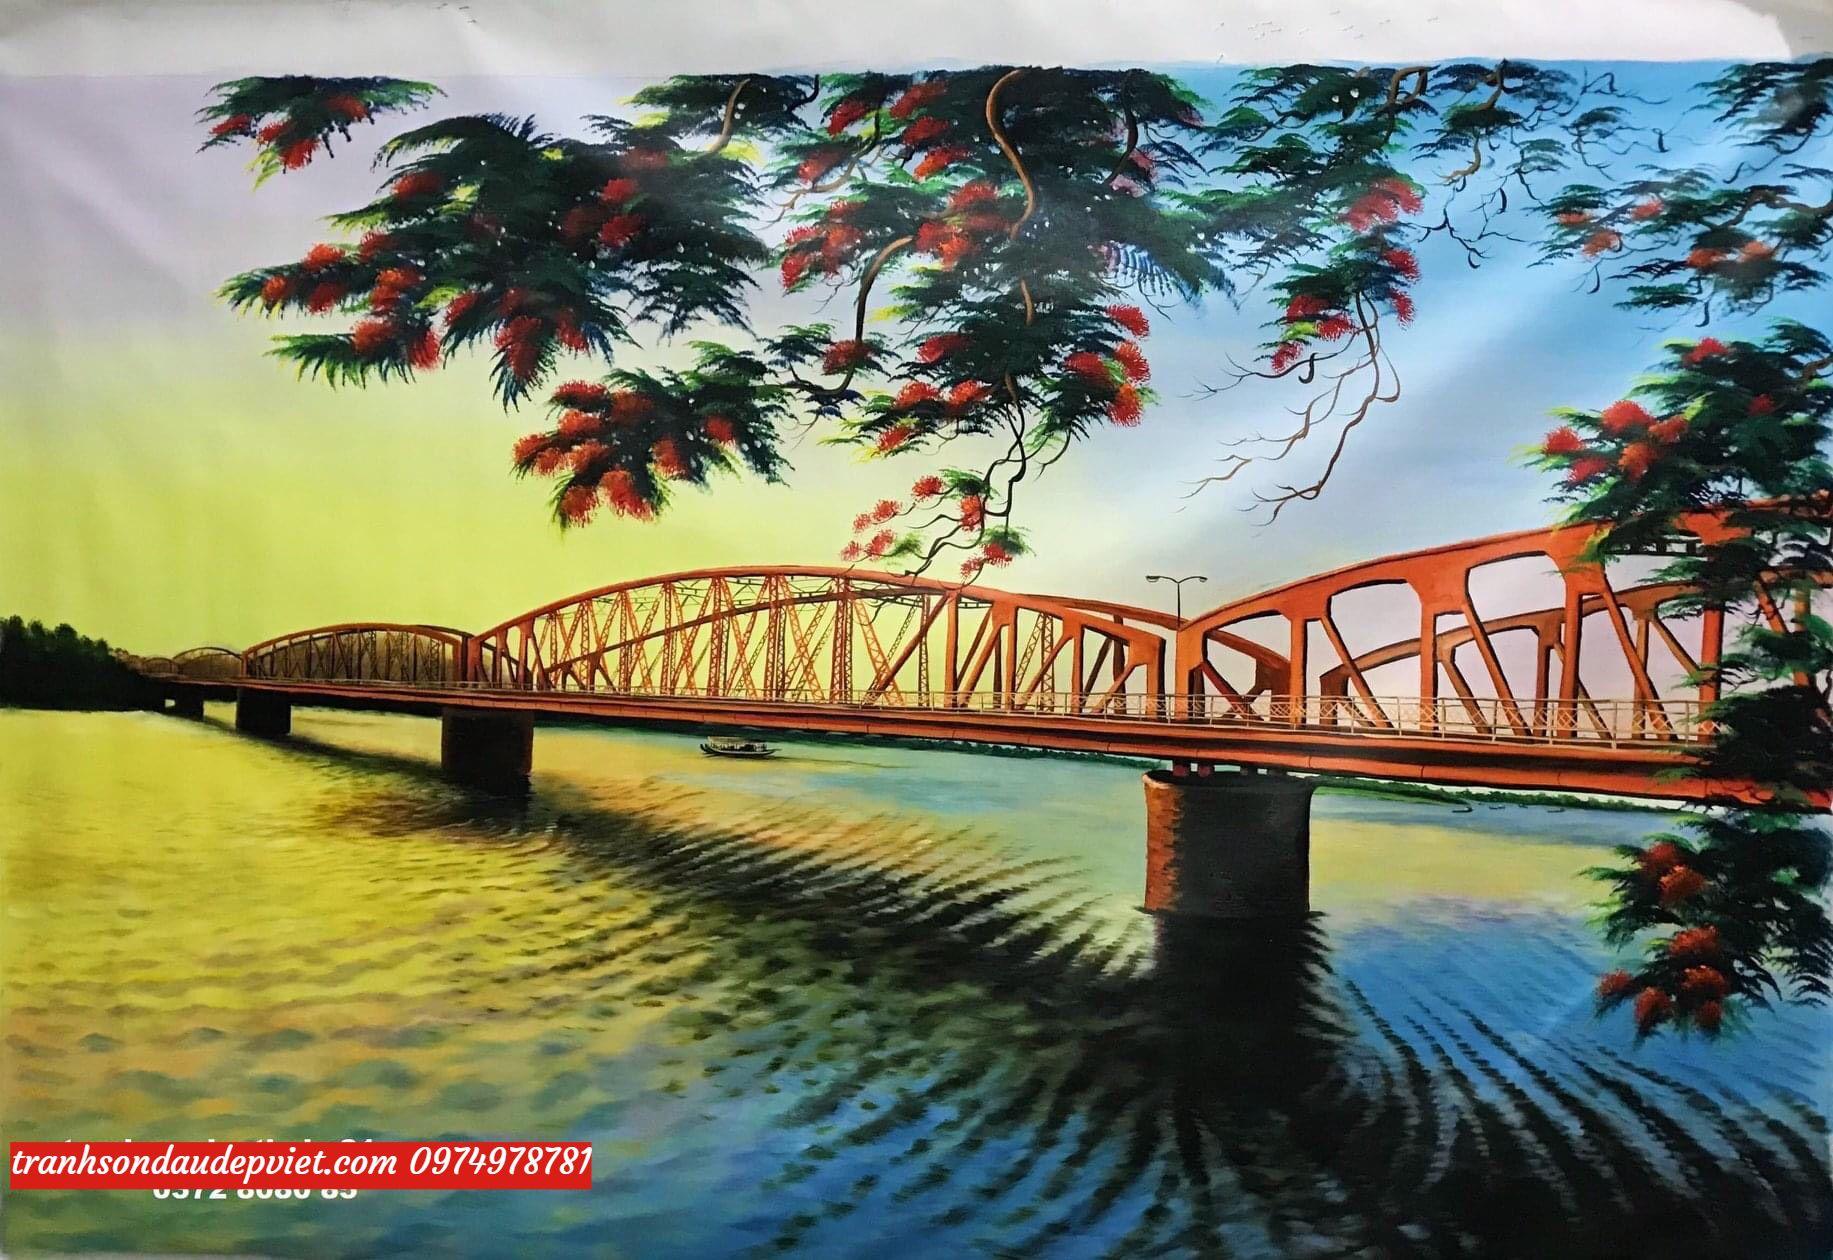 Tranh cầu long biên, tranh sơn dầu cầu long biên SD066